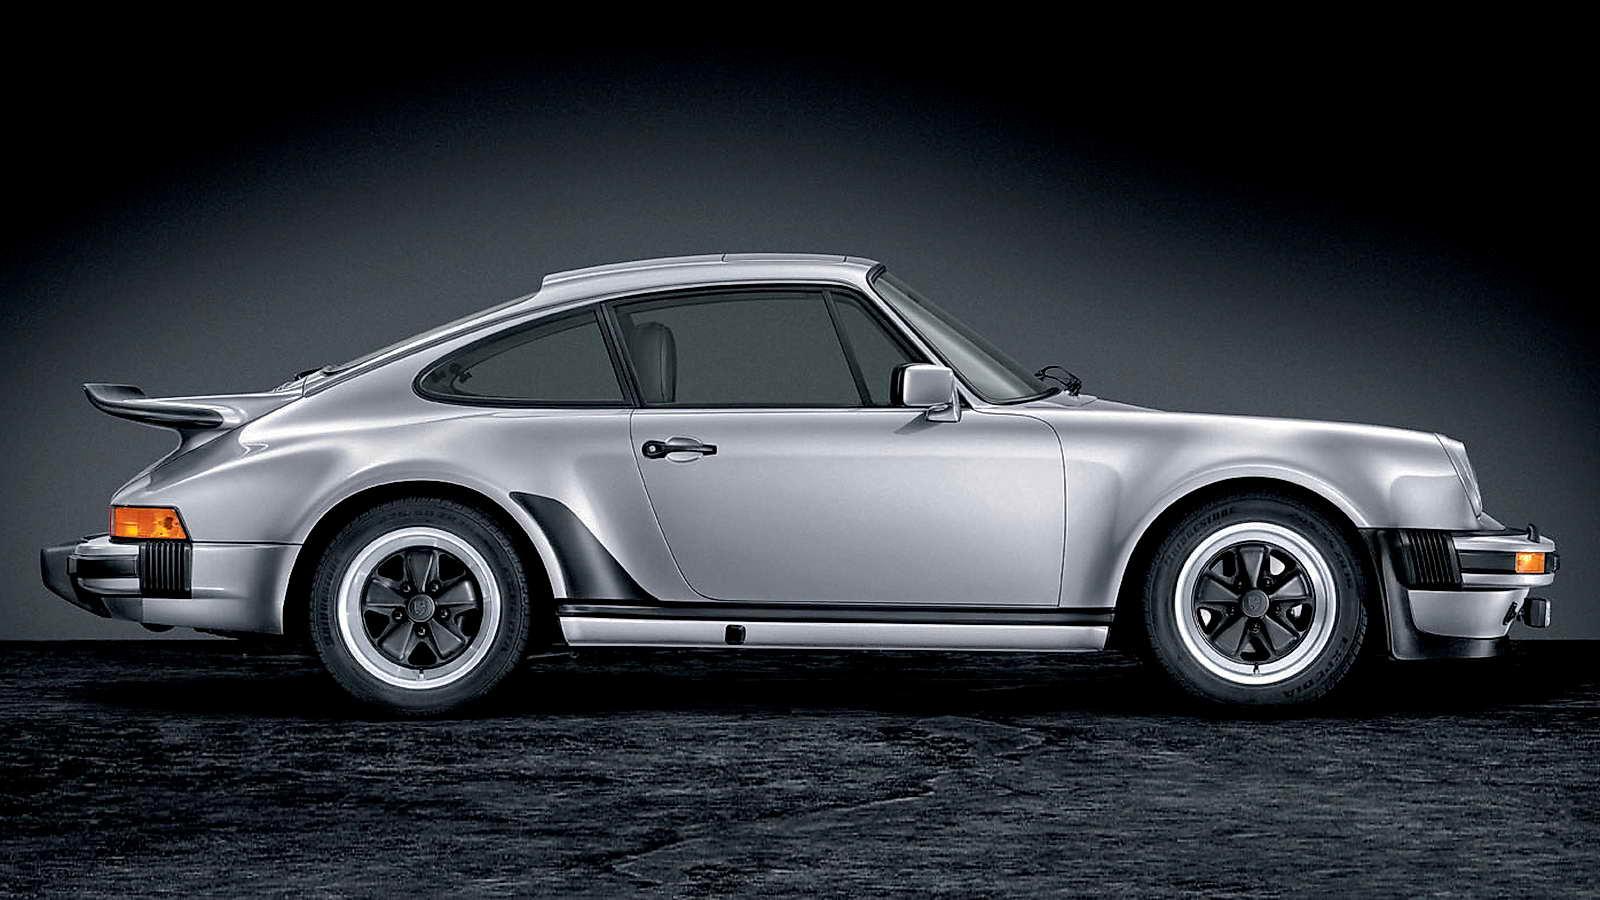 Historia Del Porsche 911 Segunda Generaci 243 N 1973 El Porsche 930